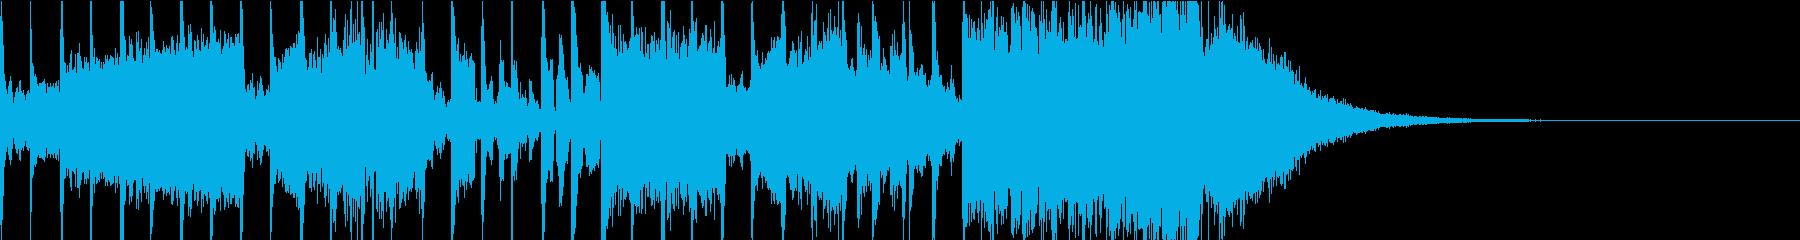 少しサスペンスの雰囲気なジングルの再生済みの波形